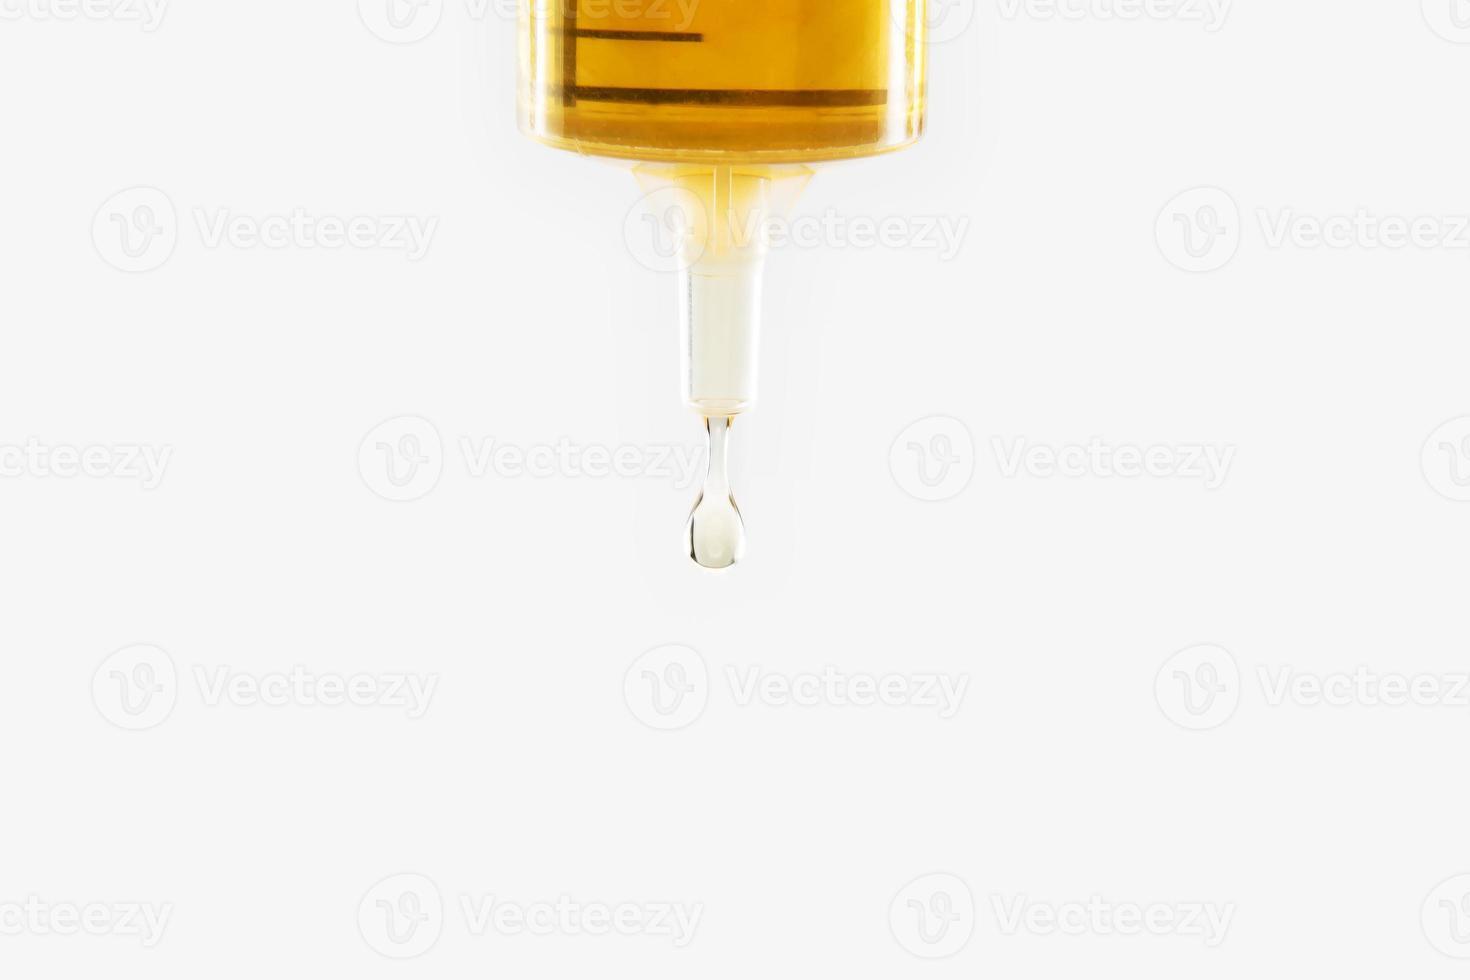 Spritze mit Medizintröpfchen foto